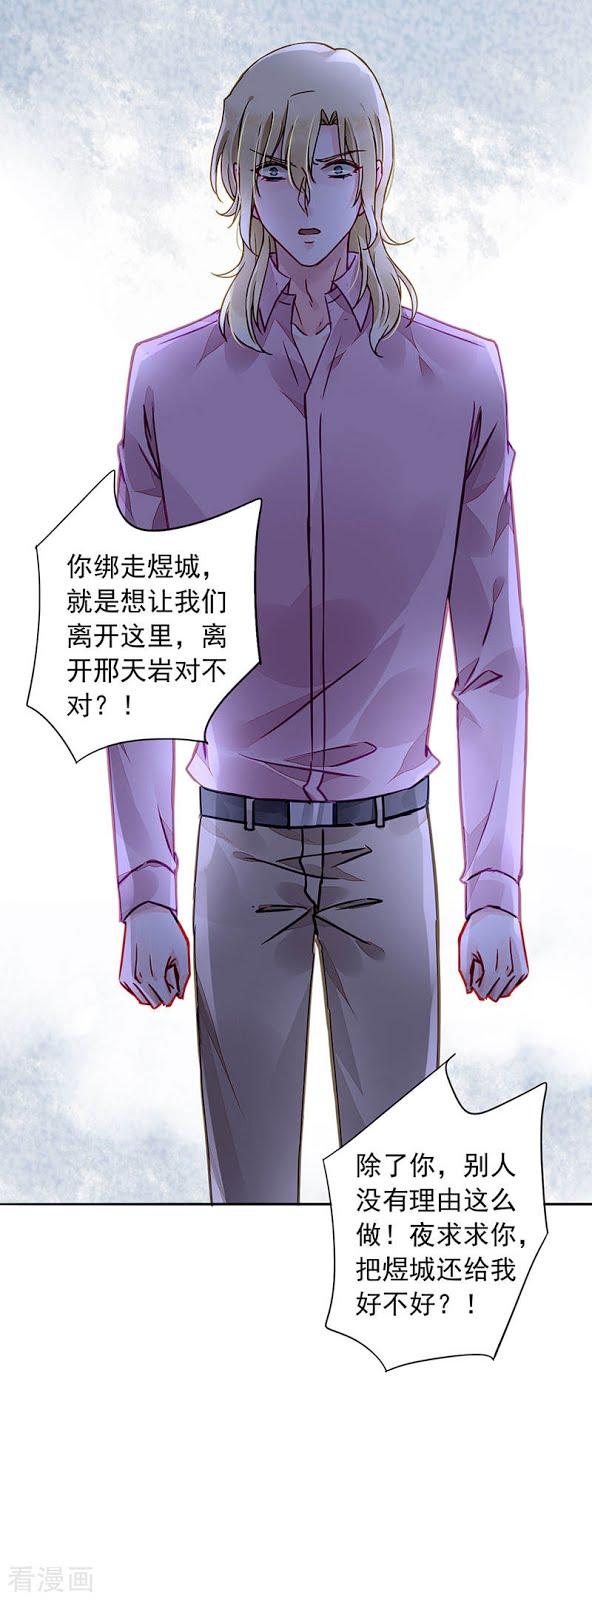 落難千金的逆襲: 203話 煜城不見了?! - 第22页